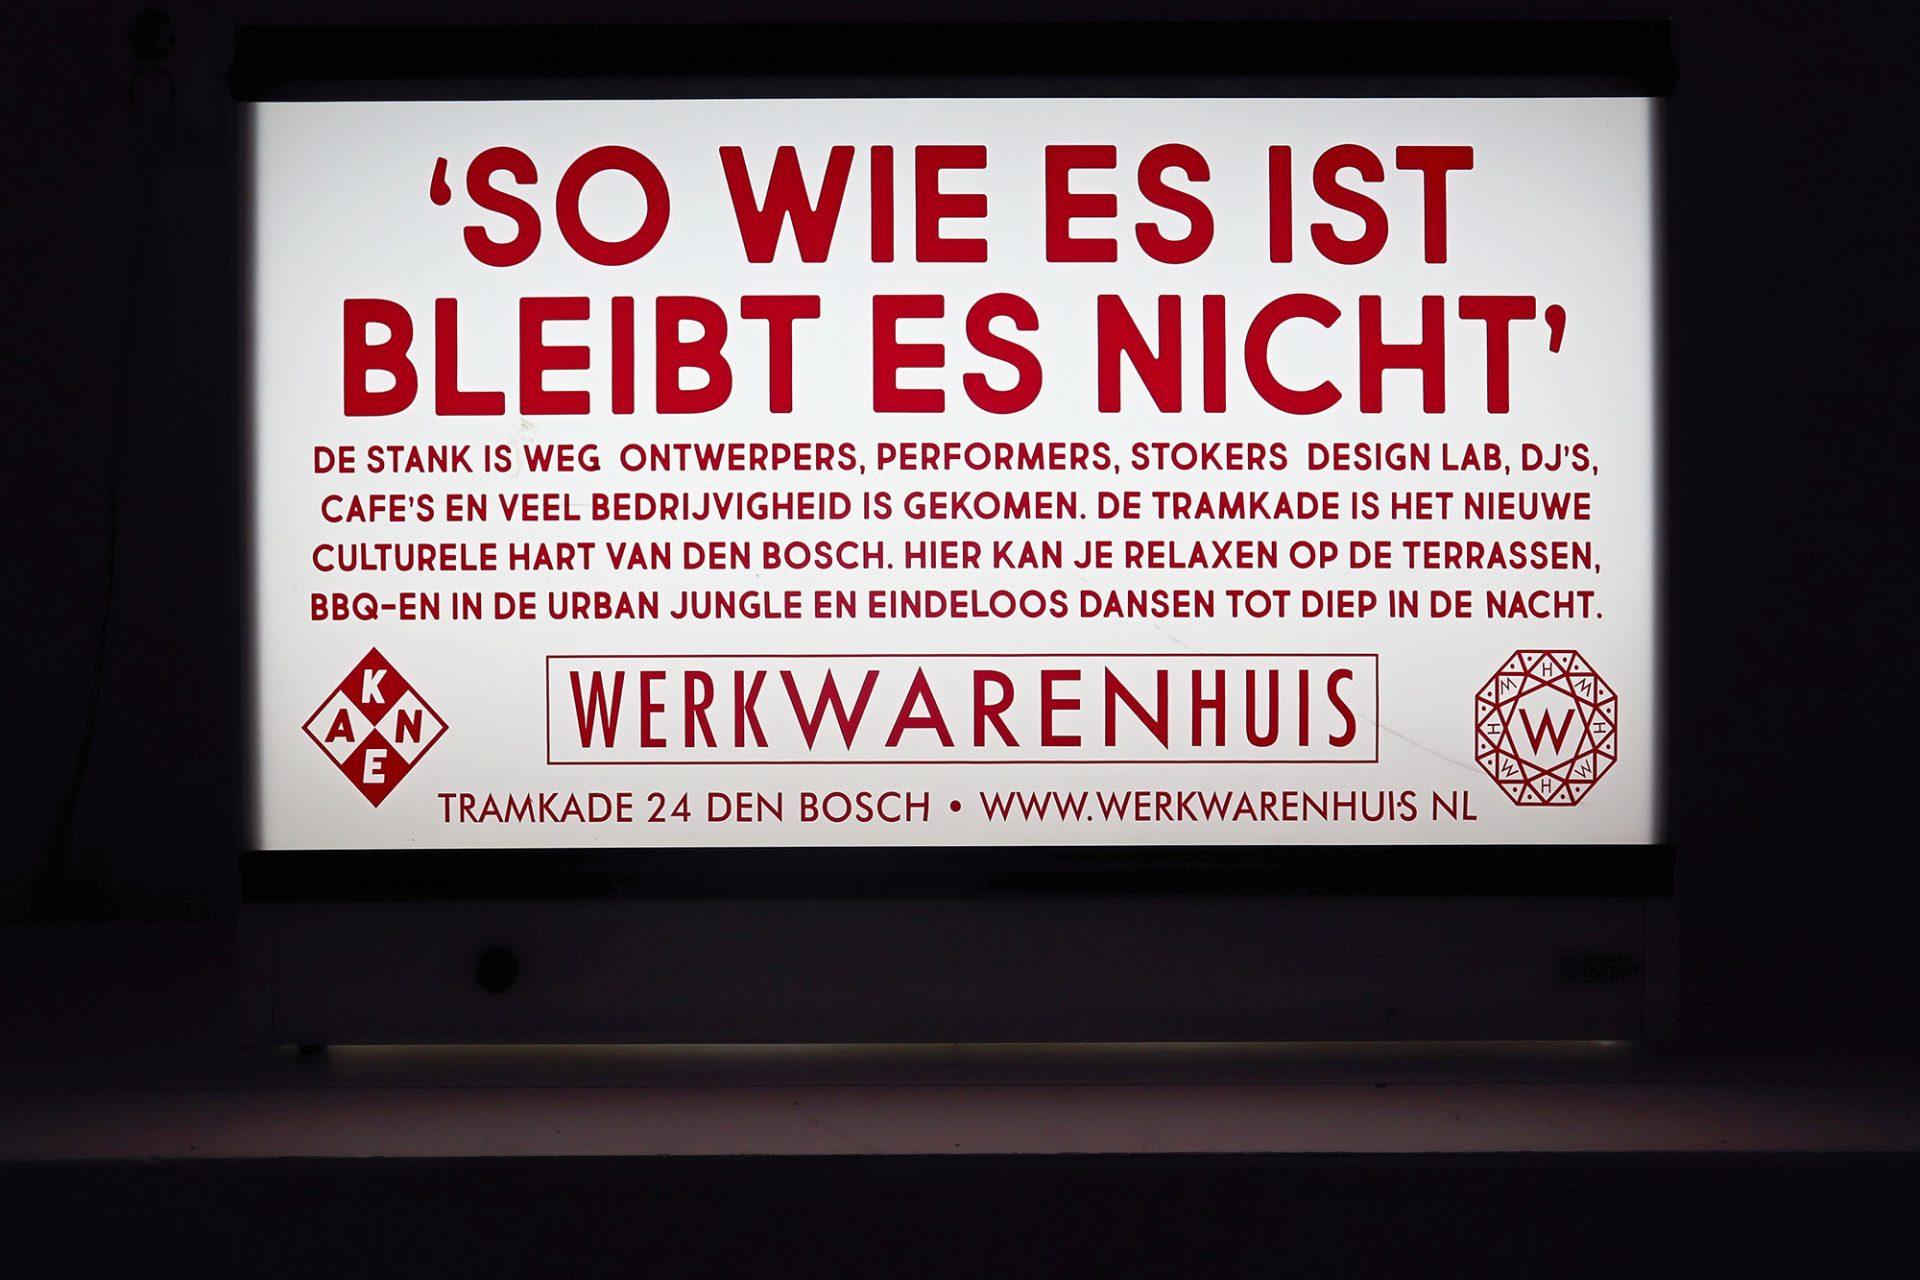 Werkwarenhuis Social Label. Ein zukunftsweisendes Projekt